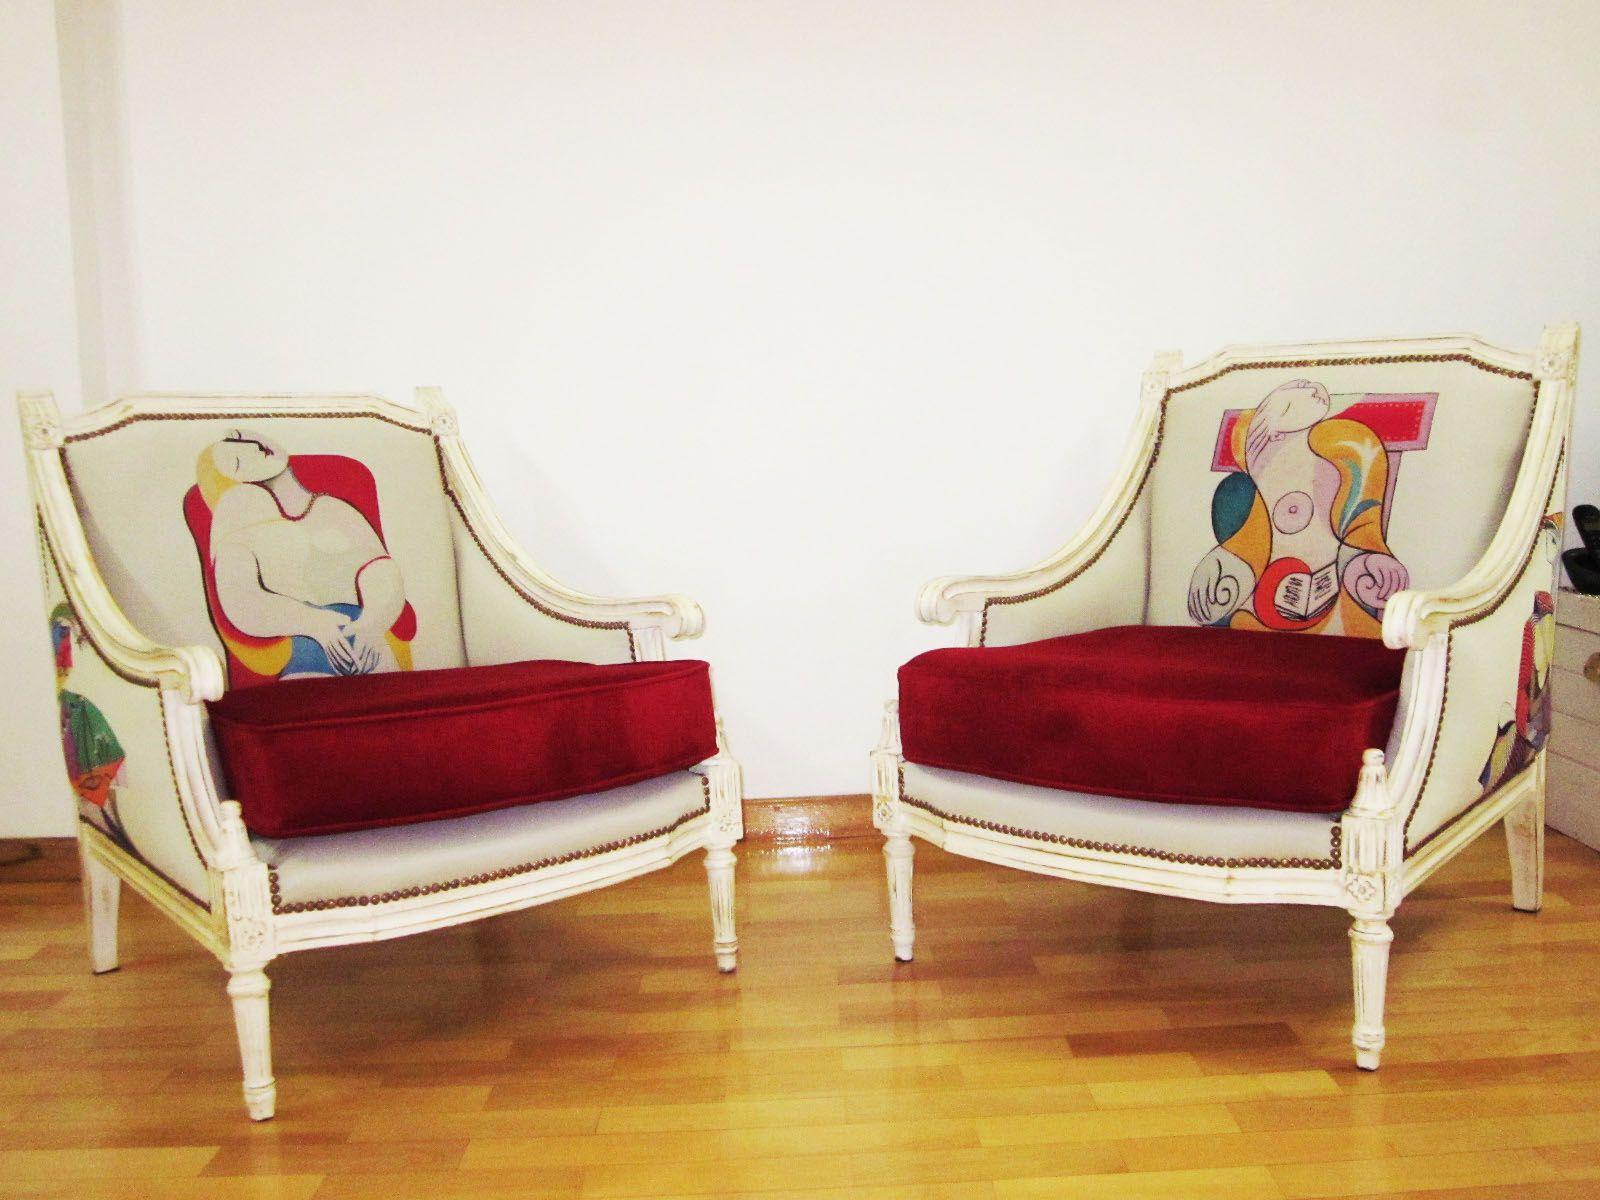 Sillones luis xv creaci n estampares tapizados originales for Decoracion de interiores luis xv